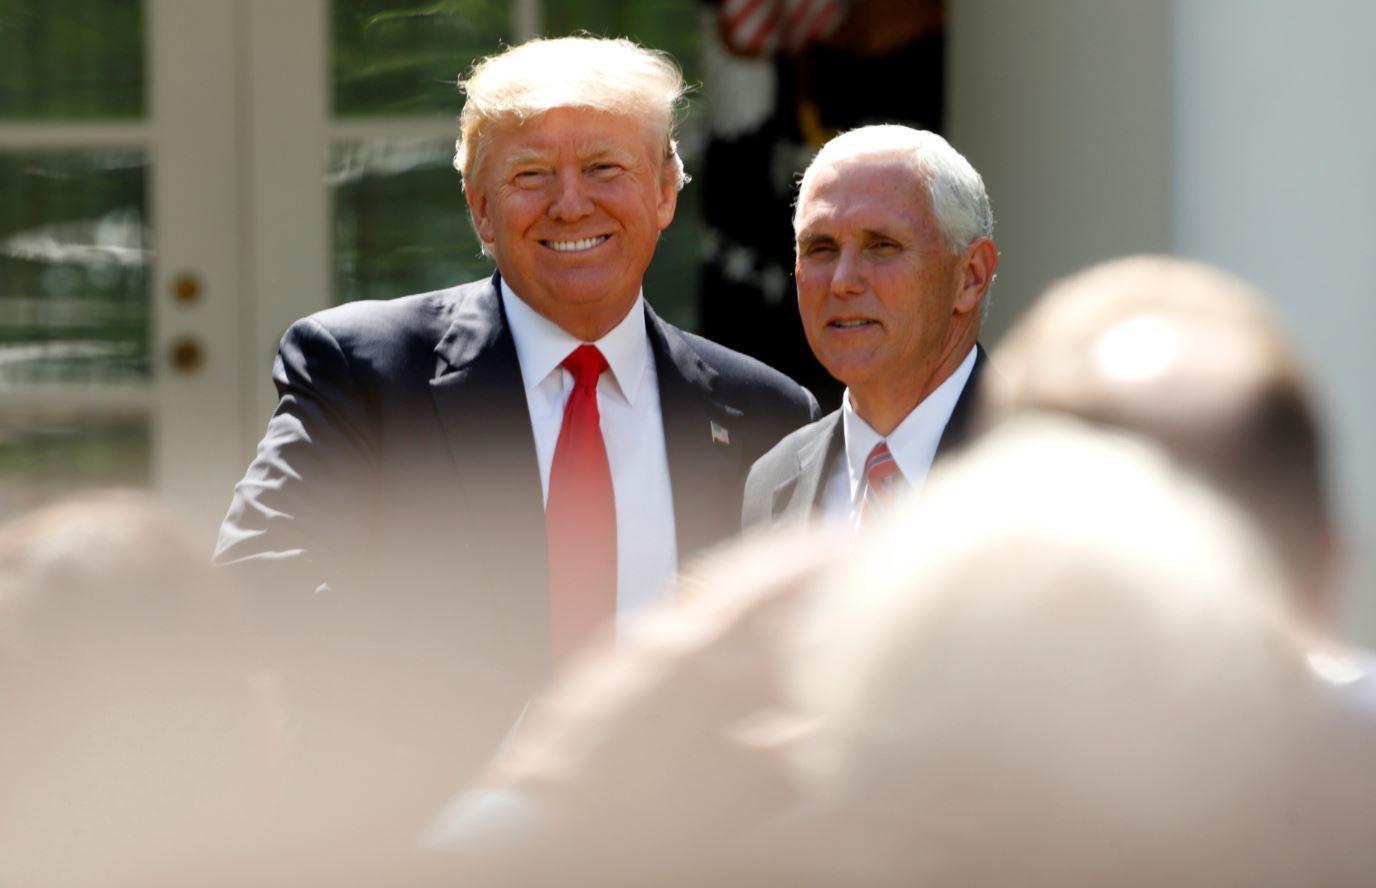 El presidente de Estados Unidos, Donald Trump, y el vicepresidente, Mike Pence, minutos antes de anunciar la salida de EU del Acuerdo de Paris (Reuters)